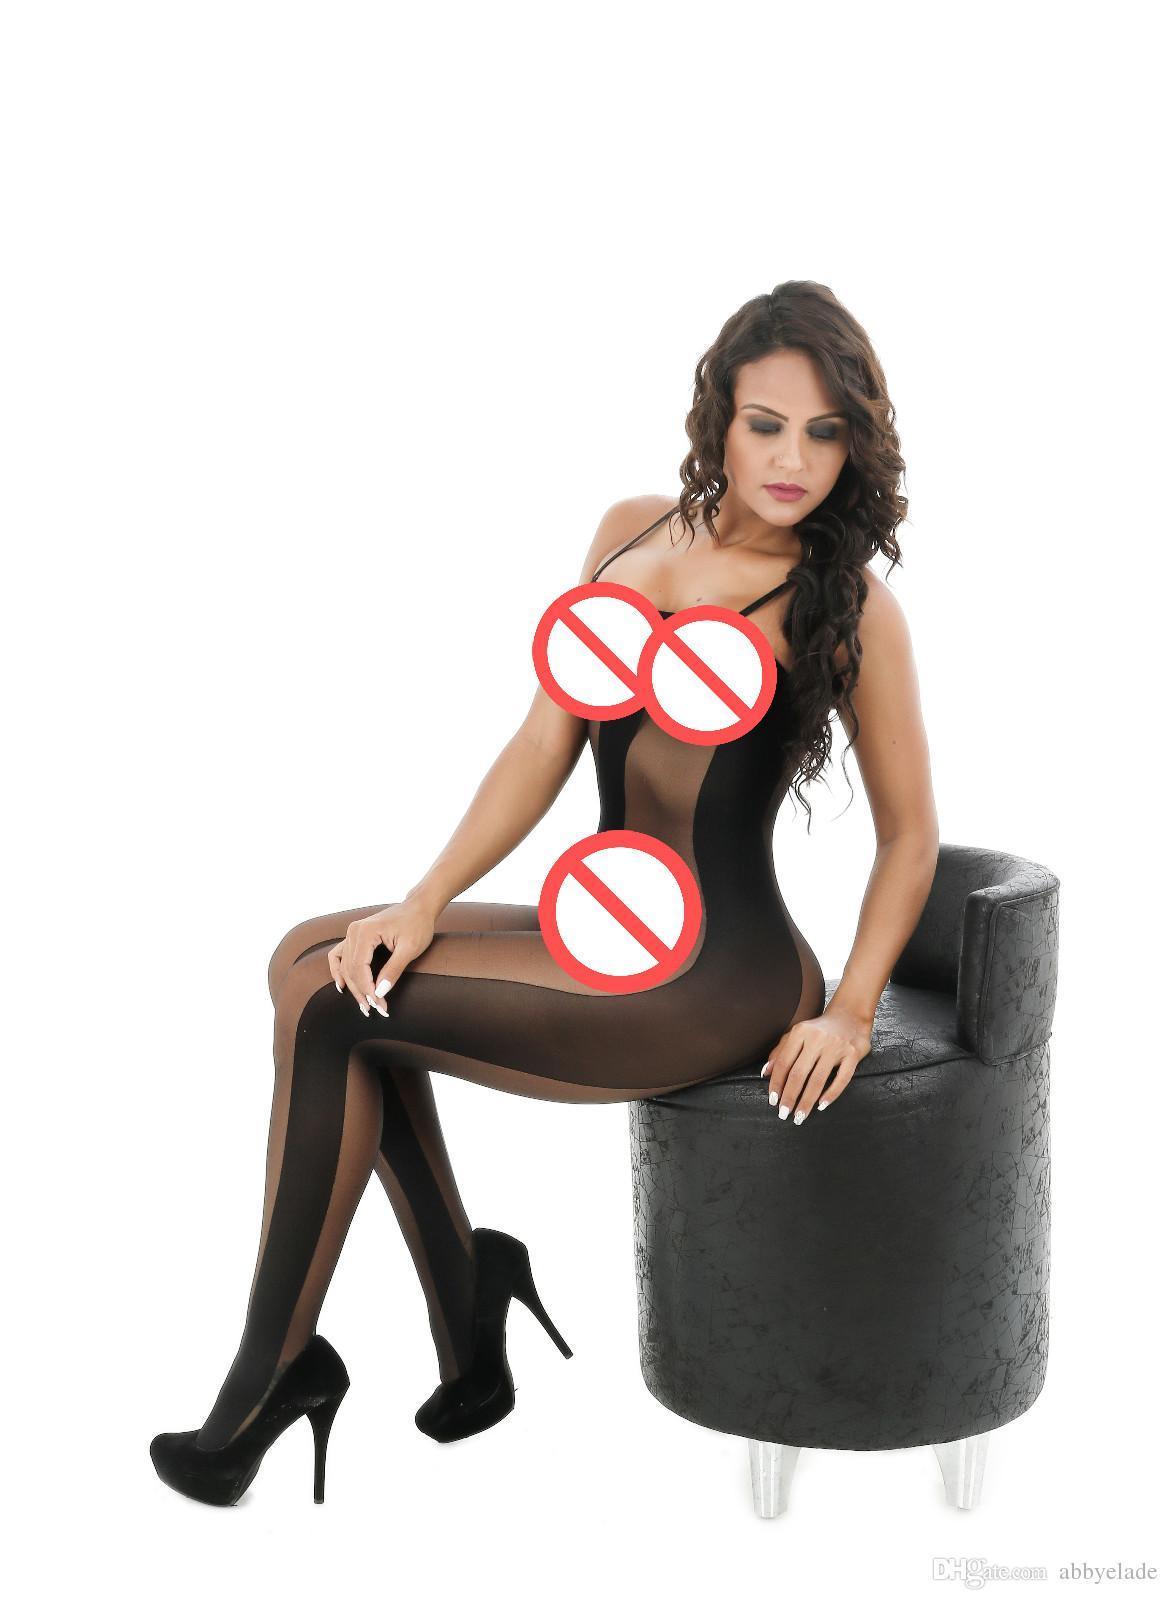 Siyah Açık Kasık Kapşonlu Çorap See Through Kadınlar Için Tam Bodysuit Seksi Bodystocking Sıkı Seksi Iç Çamaşırı Sıcak Teddies